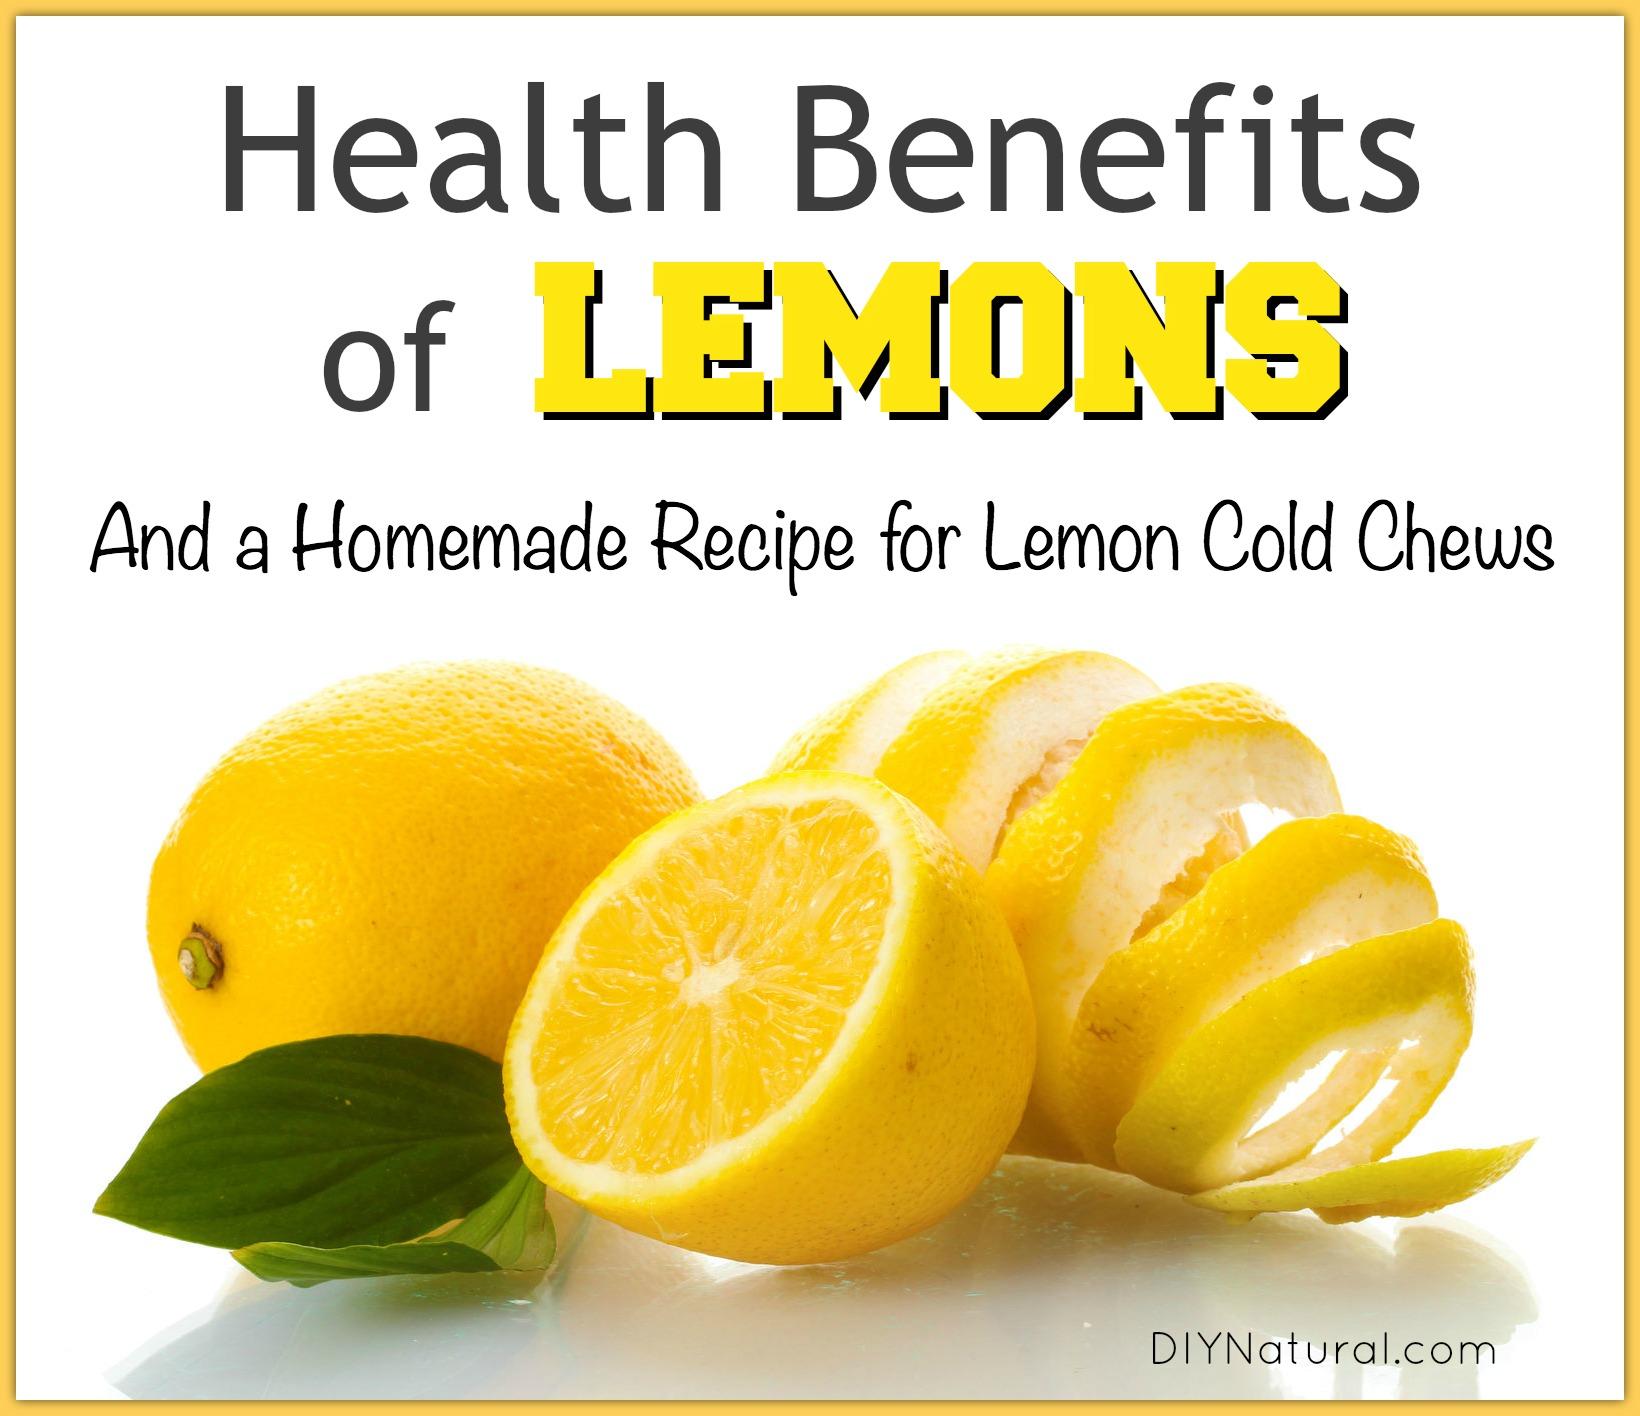 When Gives Lemons Benefits Running: Health Benefits Of Lemons & Homemade Lemon Cold Chews